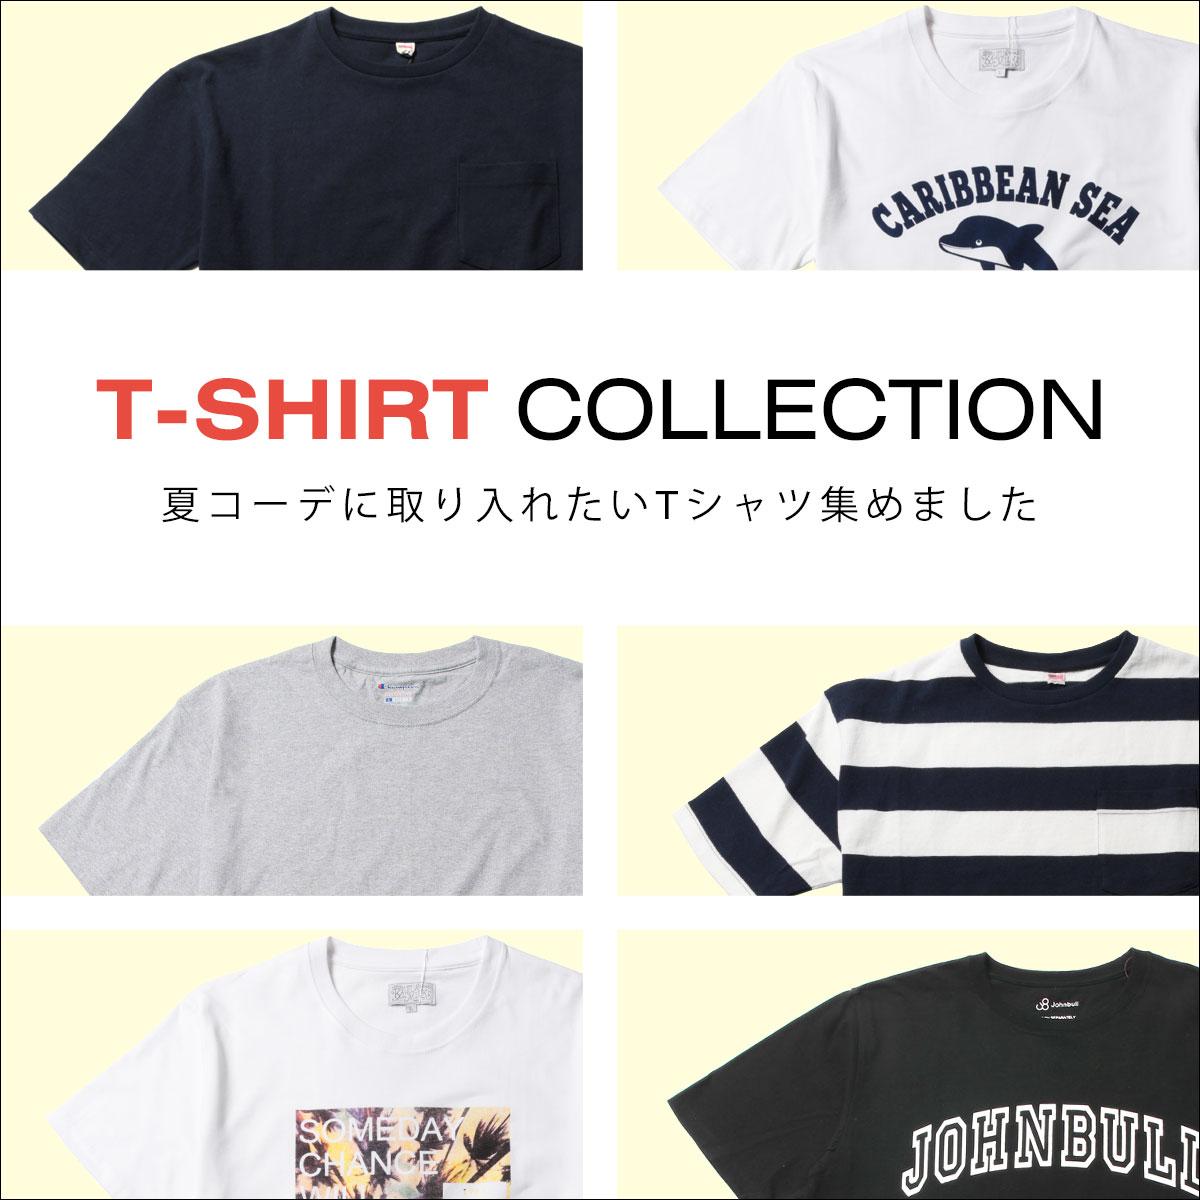 /icon/tshirt_stl_20210519.jpg